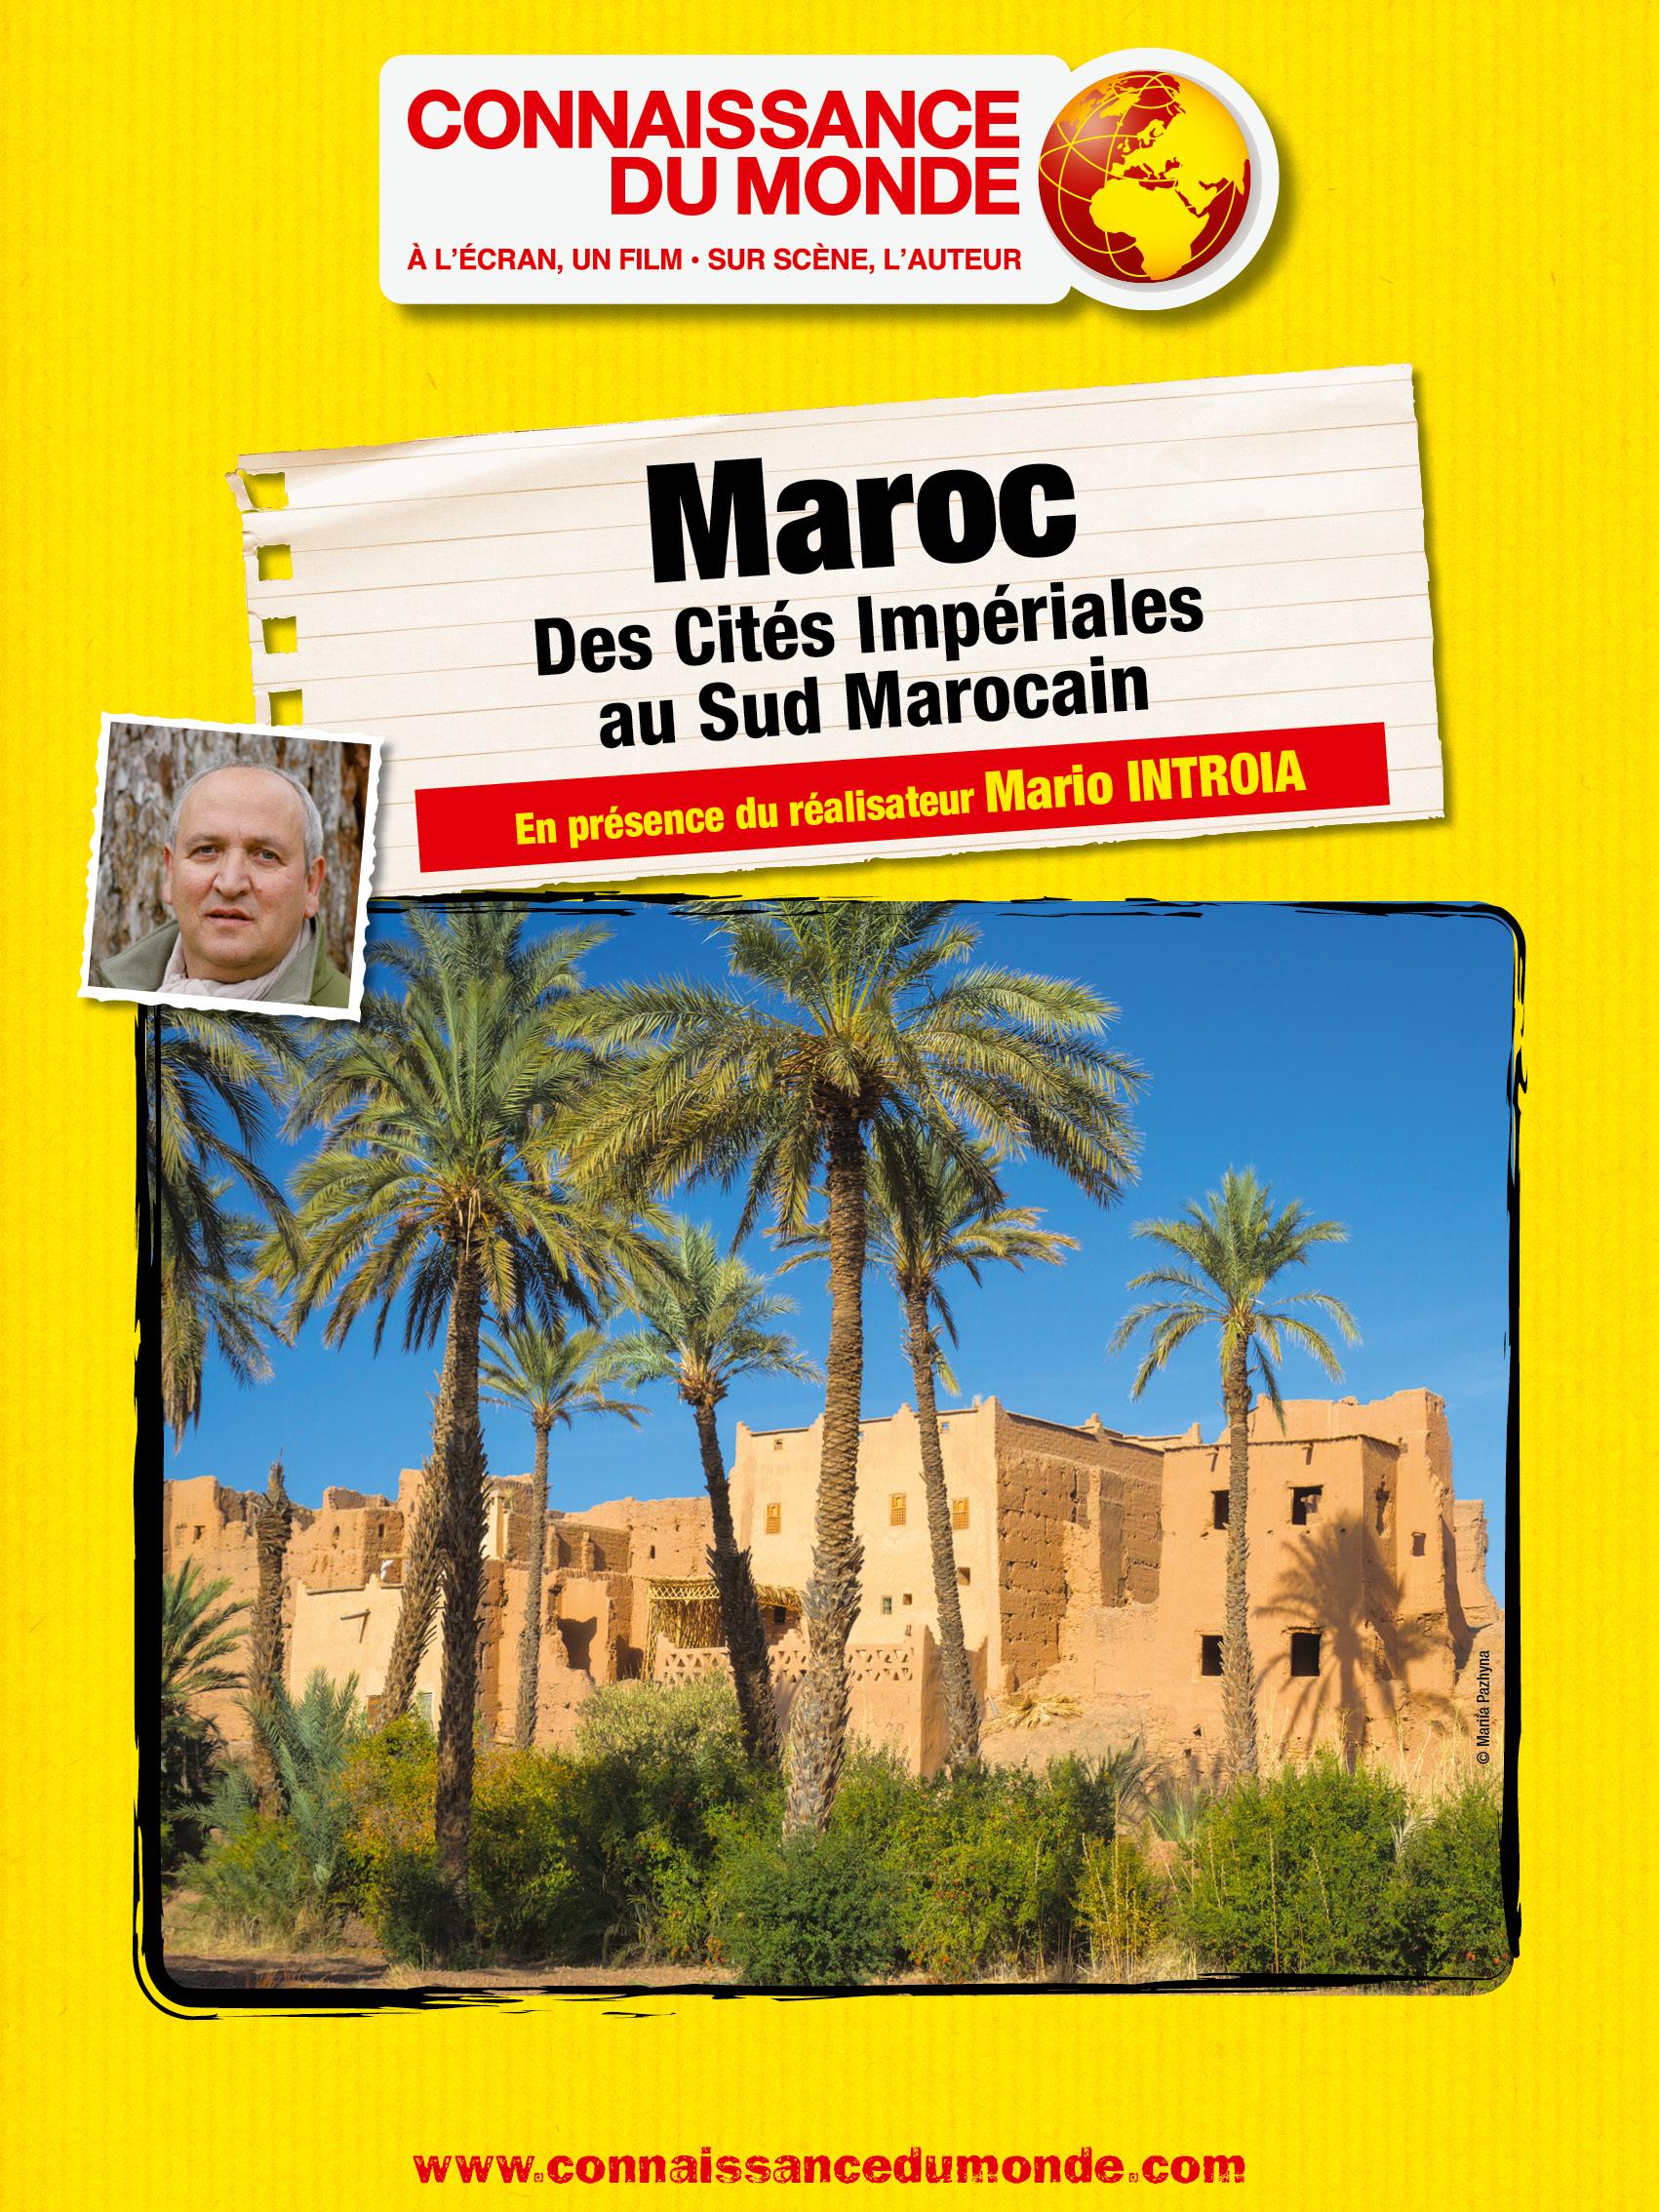 Maroc - Des cités impériales au sud marocain